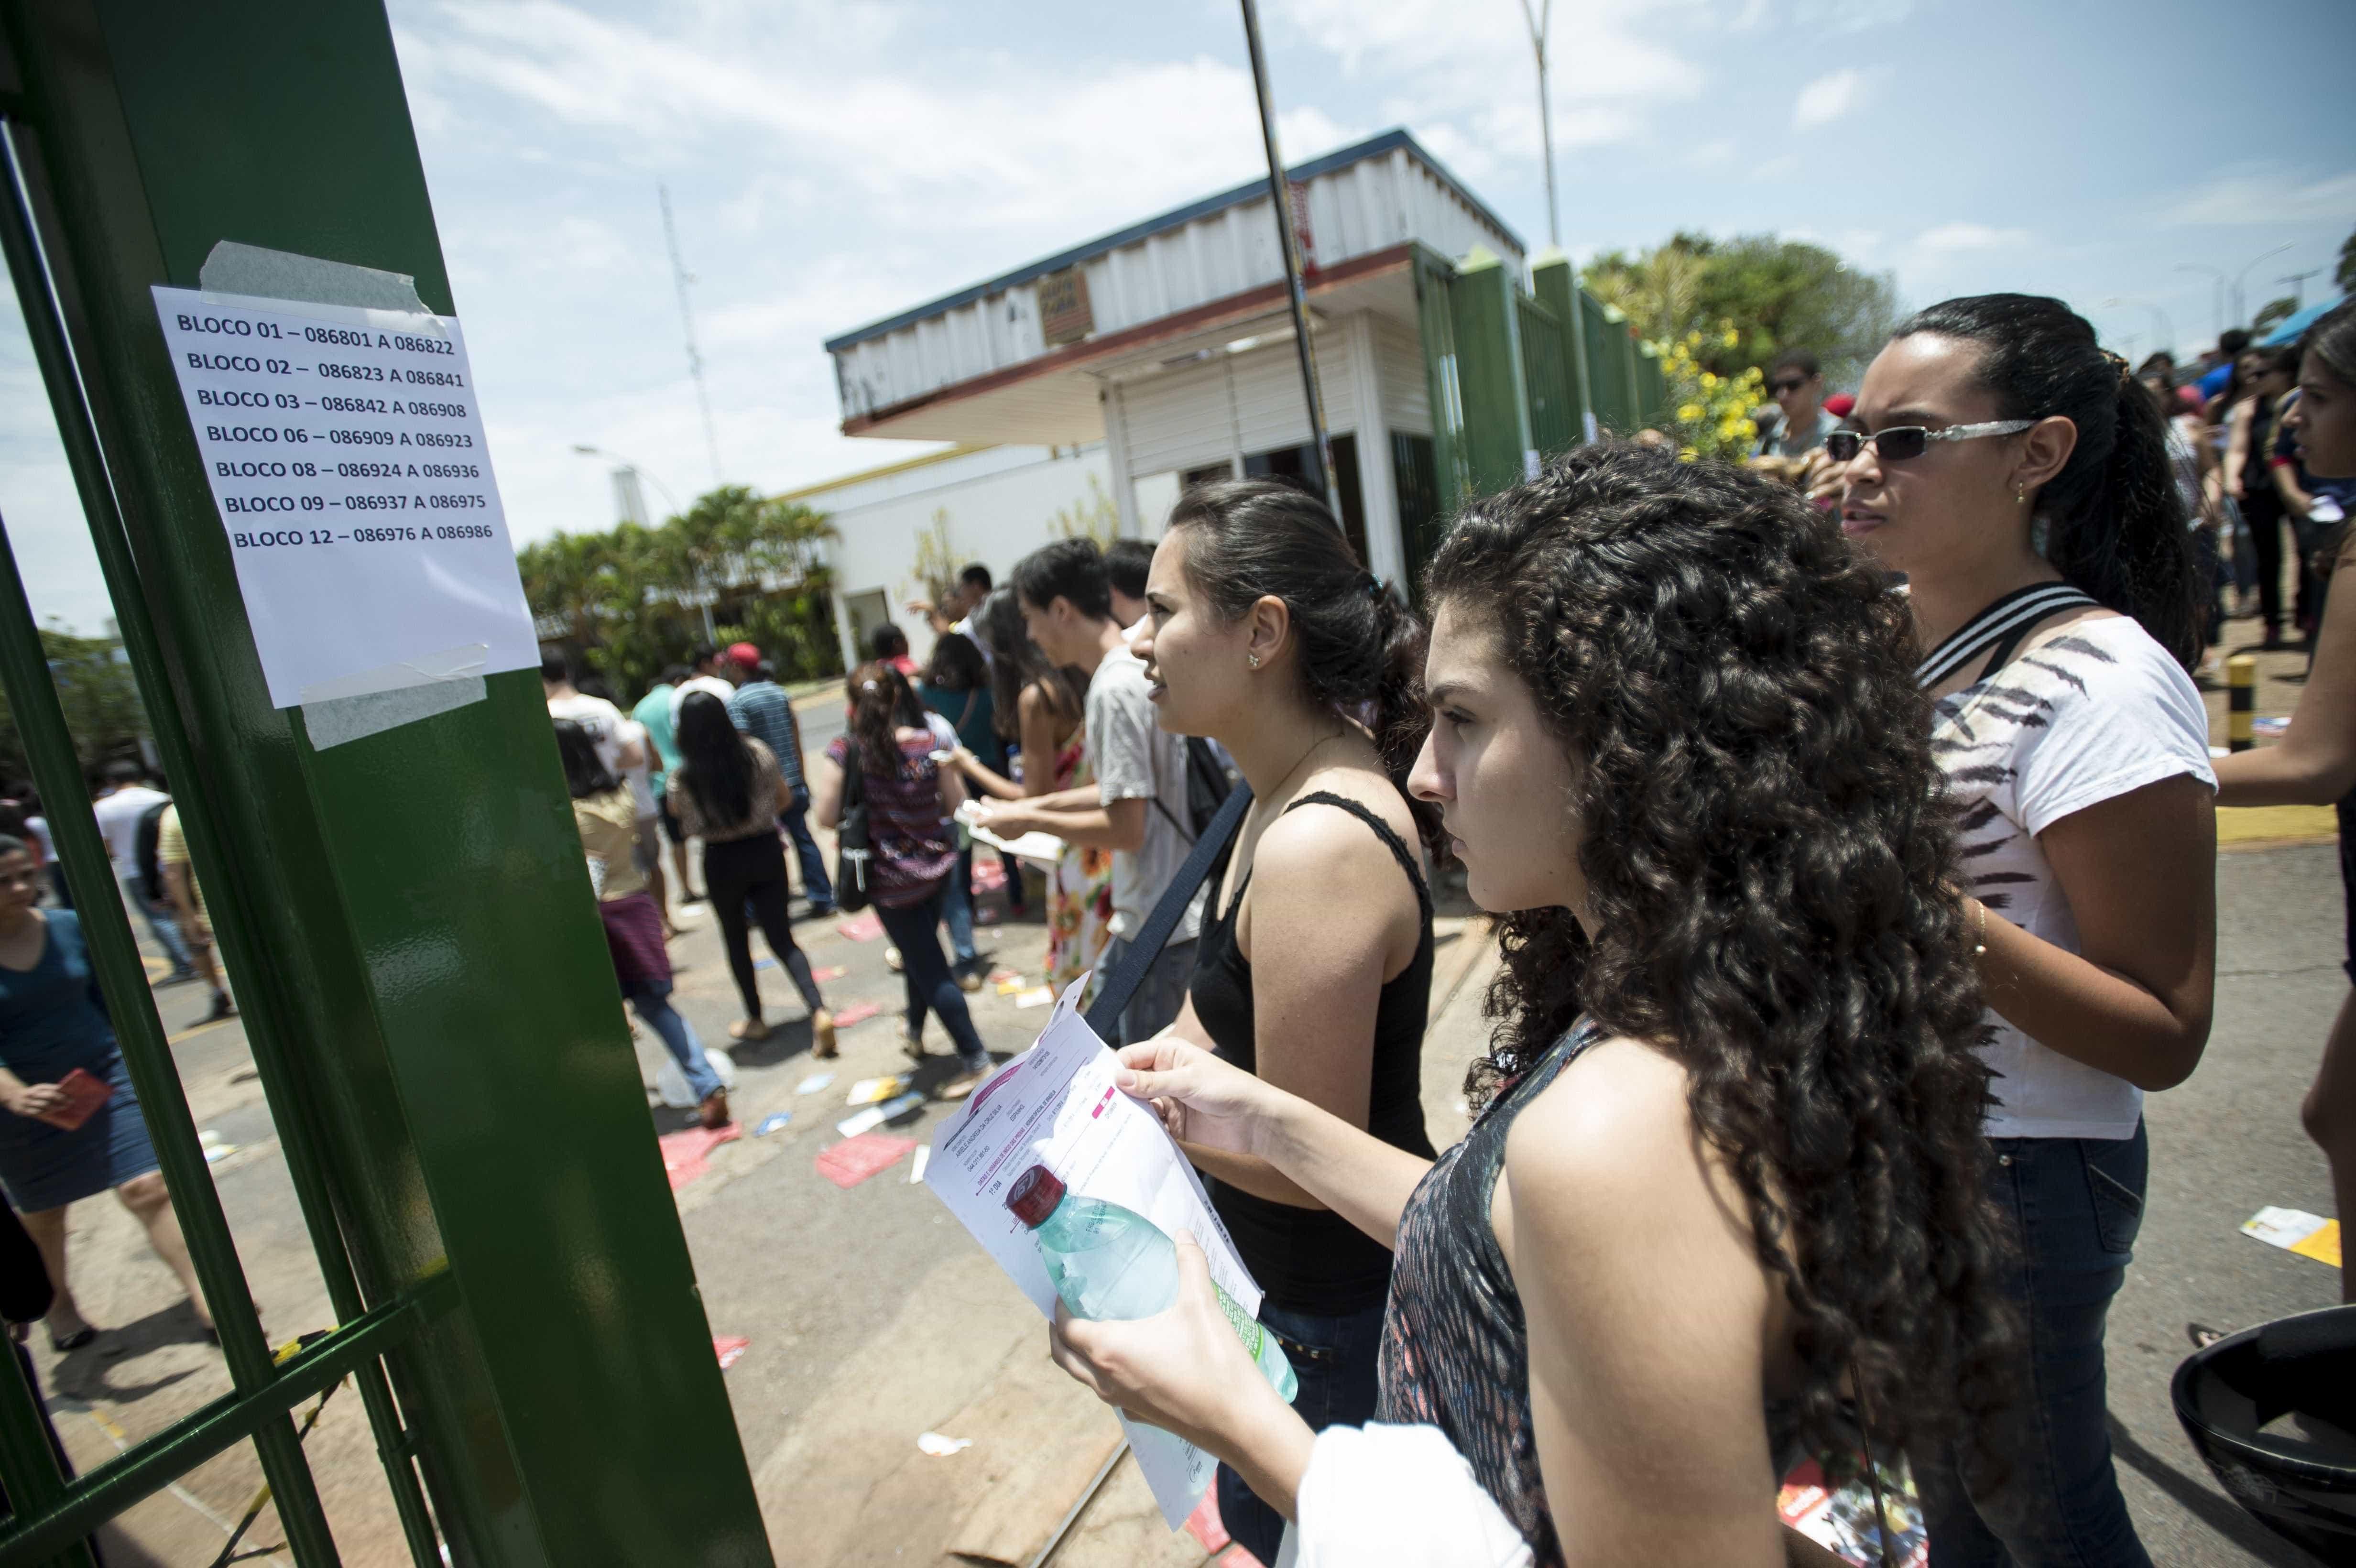 Concursos oferecem quase 17 mil vagas com salários de até R$ 35,5 mil